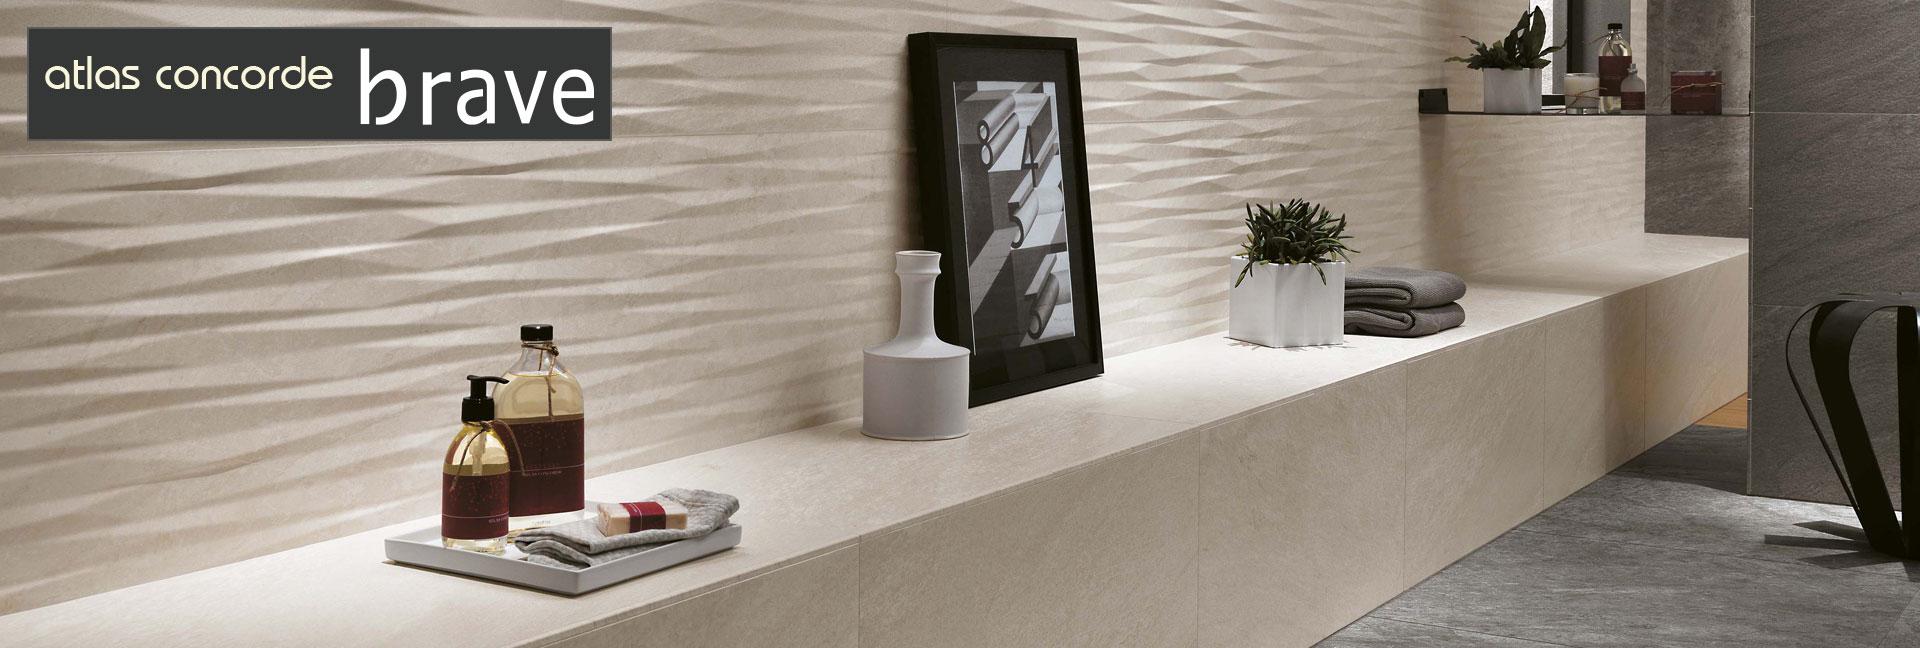 Atlas Concorde atlas concorde brave ceramic wall tile